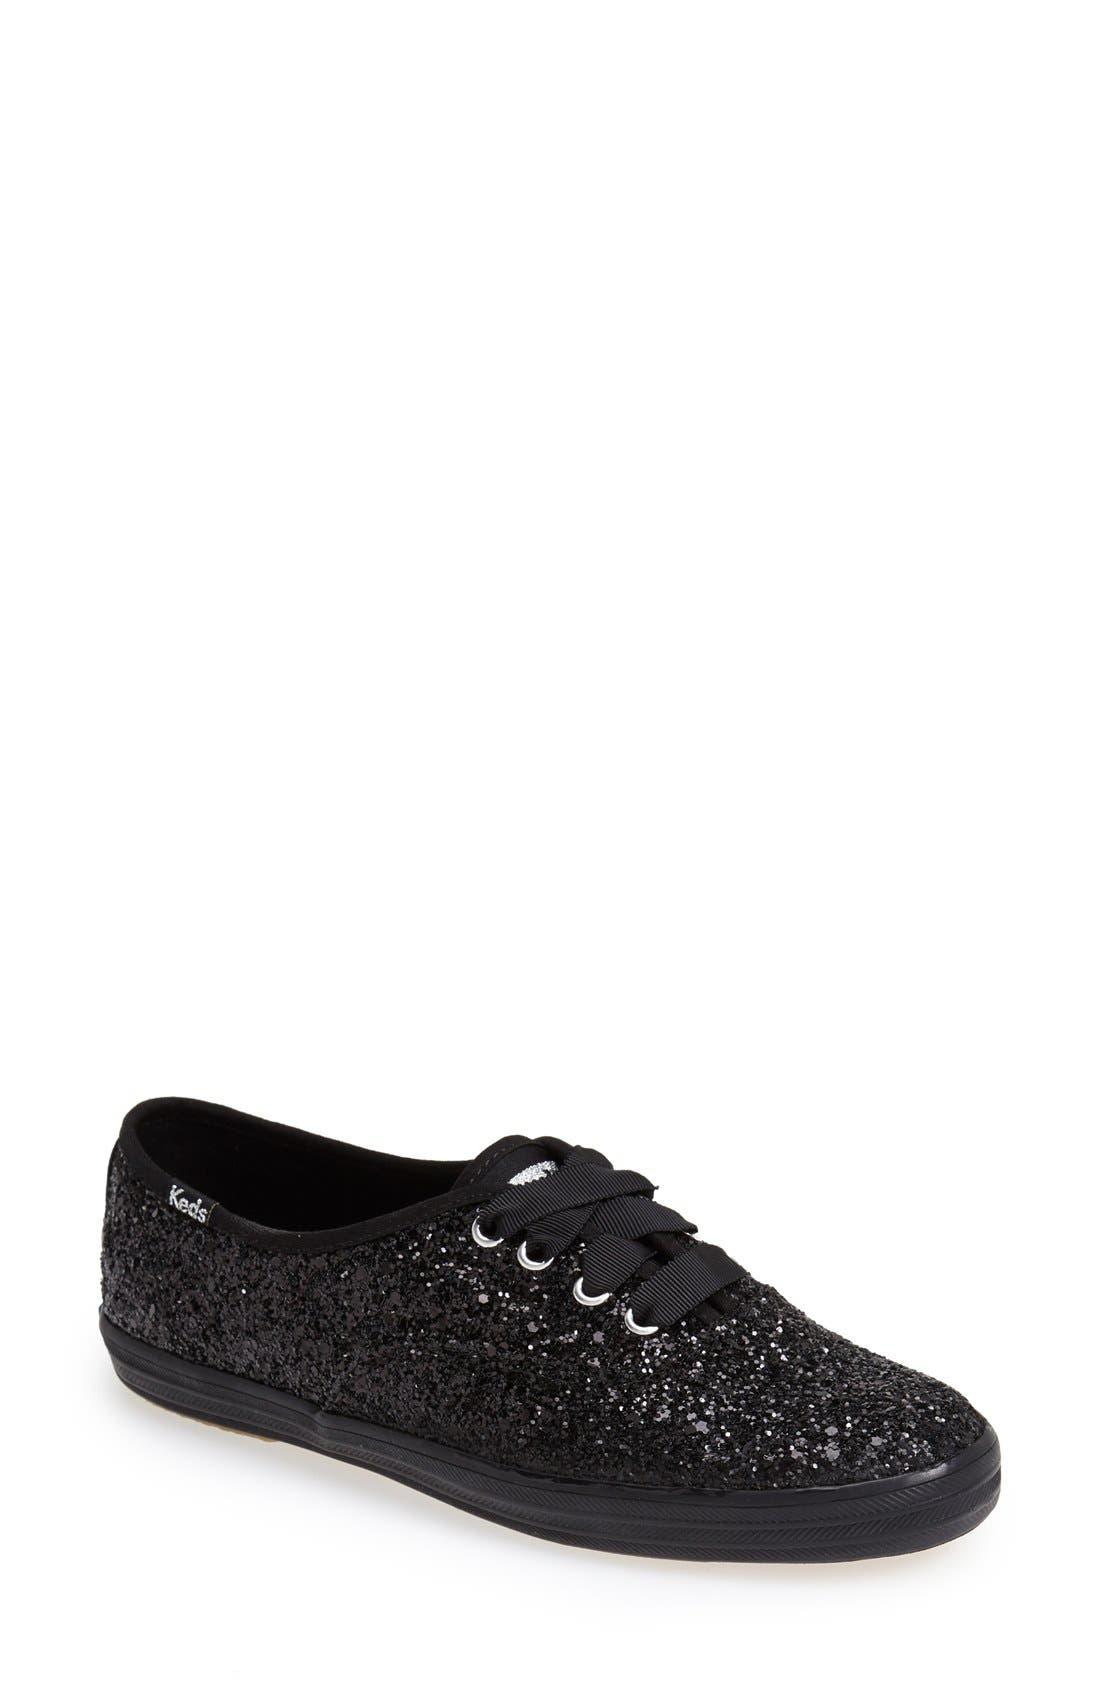 Alternate Image 1 Selected - Keds® 'Champion' Glitter Sneaker (Women)